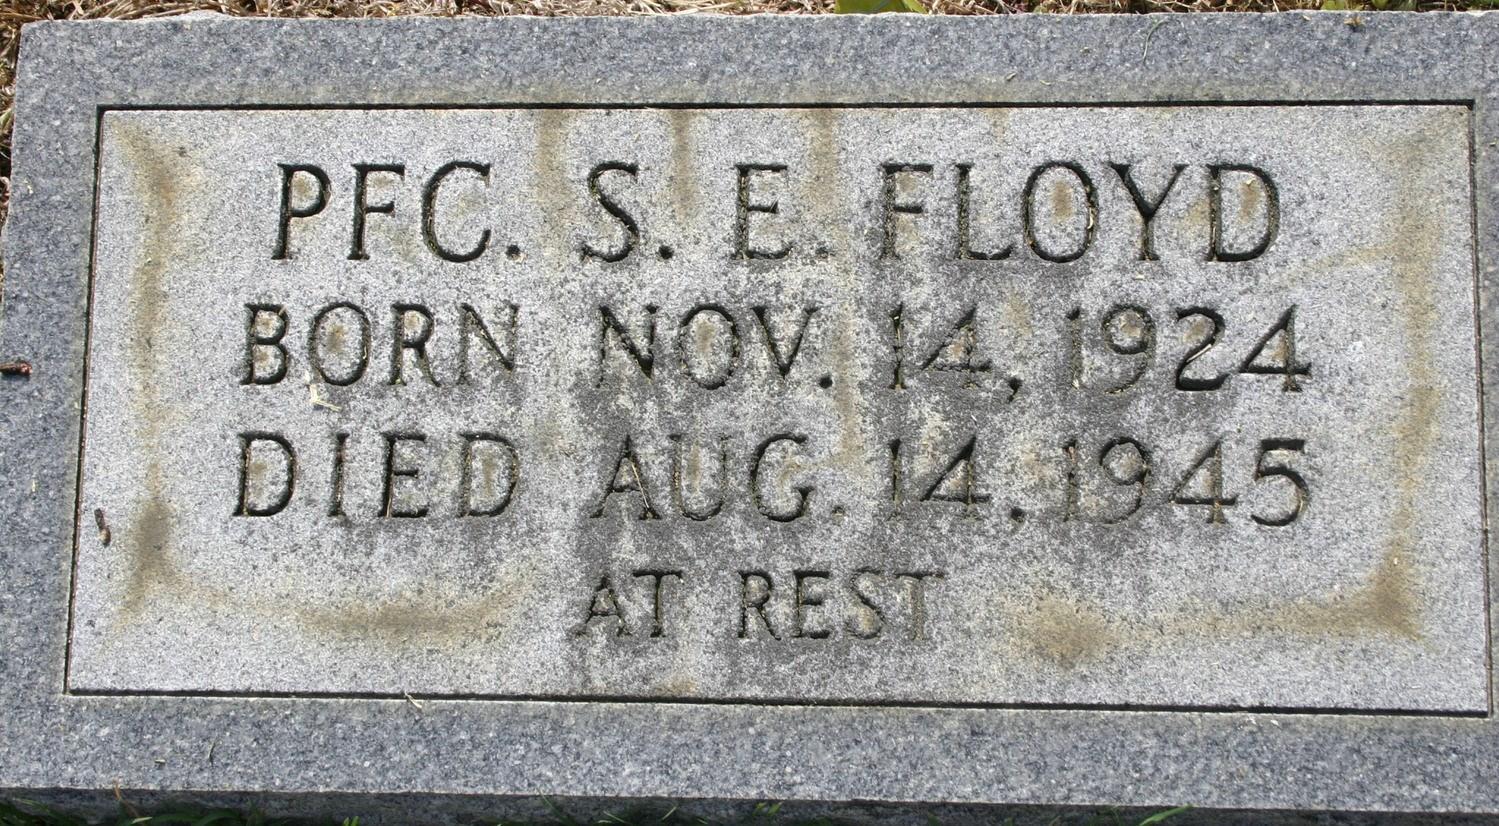 S. E. Floyd